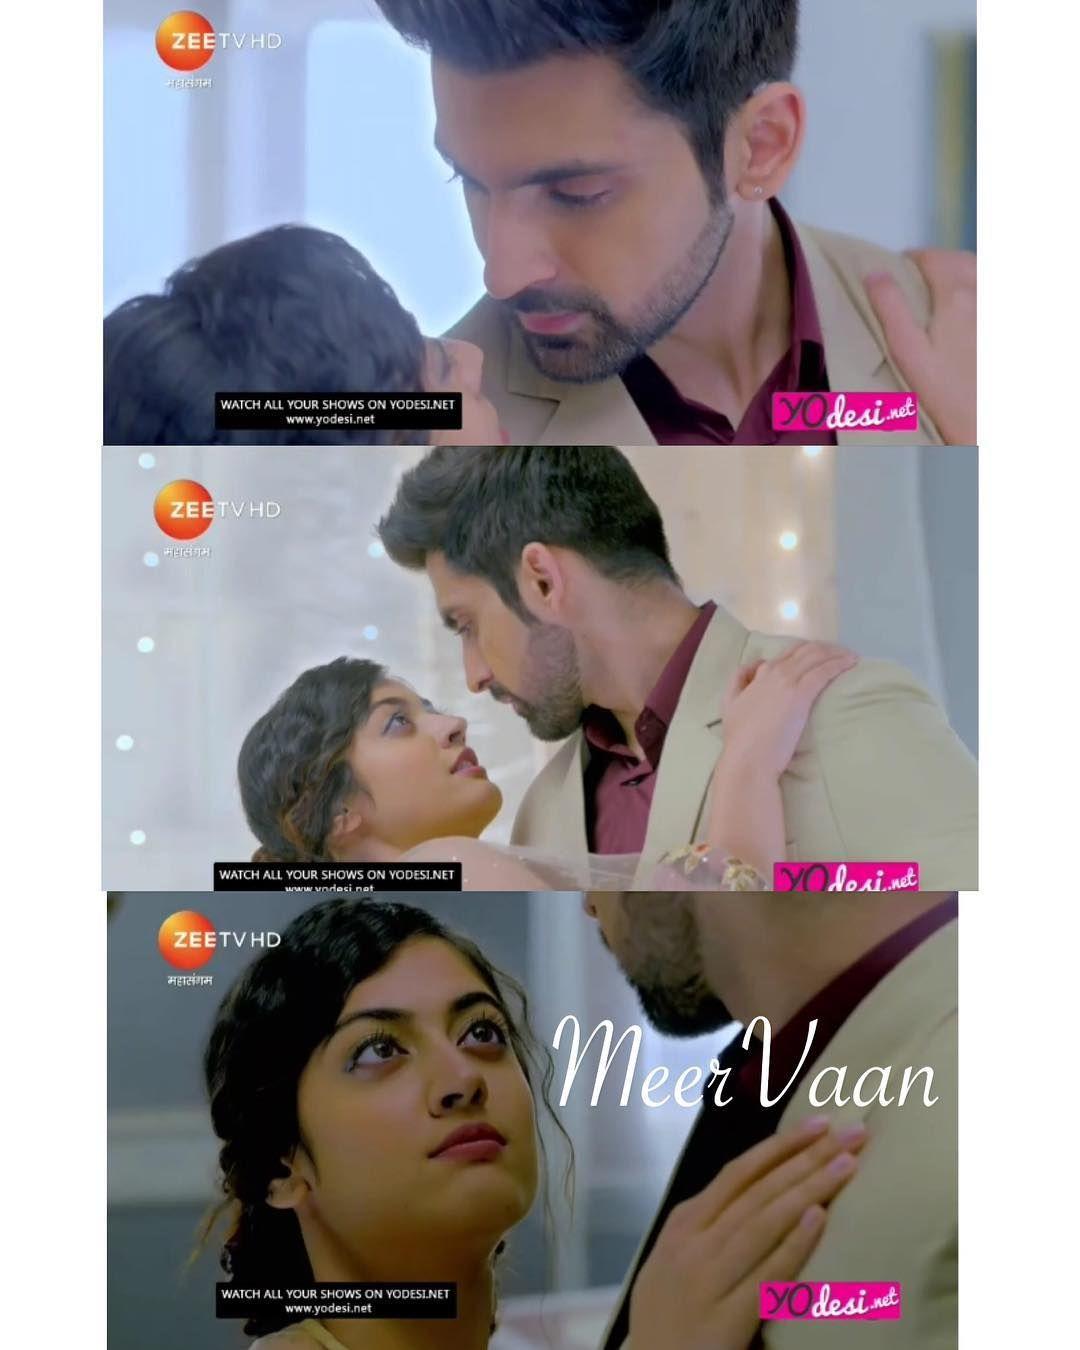 Pin by Ladhasara21 on Keleerein in 2019 | Zee tv, Drama, Instagram